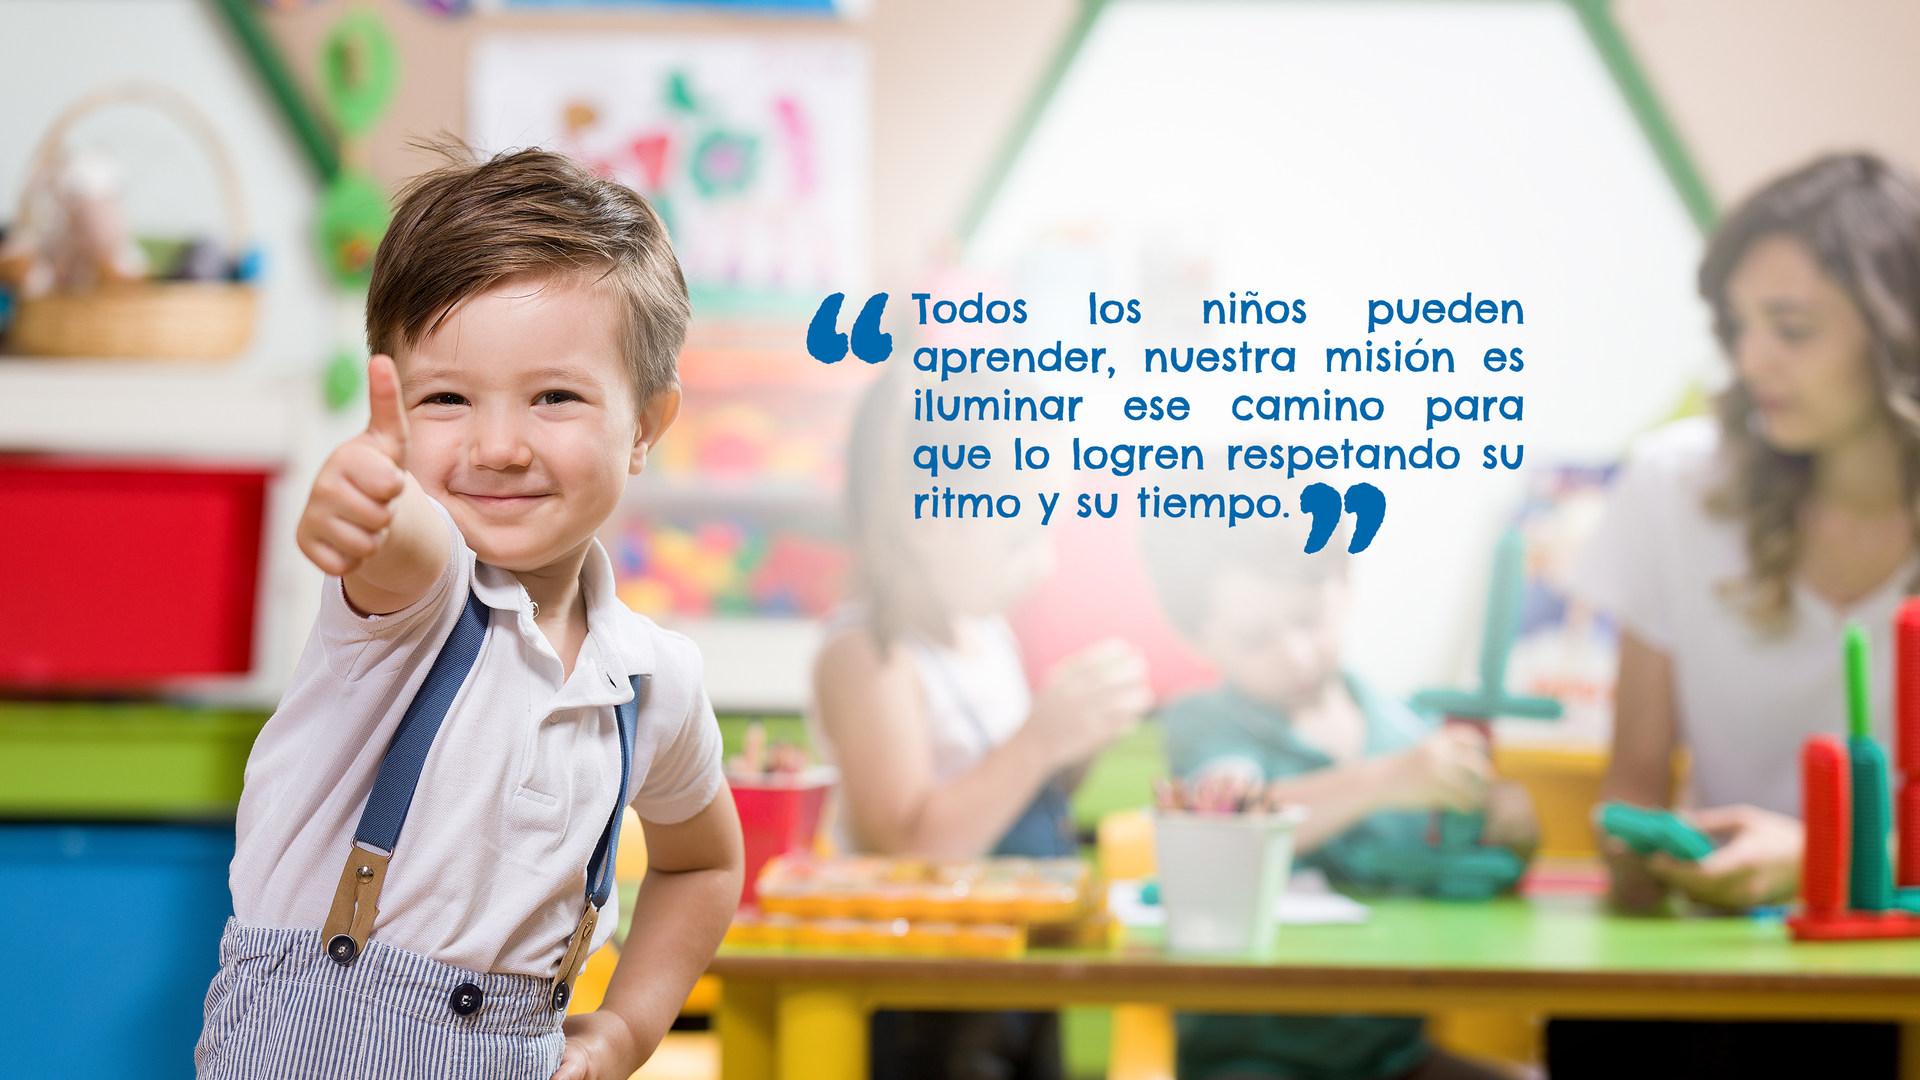 Todos los niños pueden aprender, nuestra misión es iluminar ese camino para que lo logren respetando su ritmo y su tiempo.